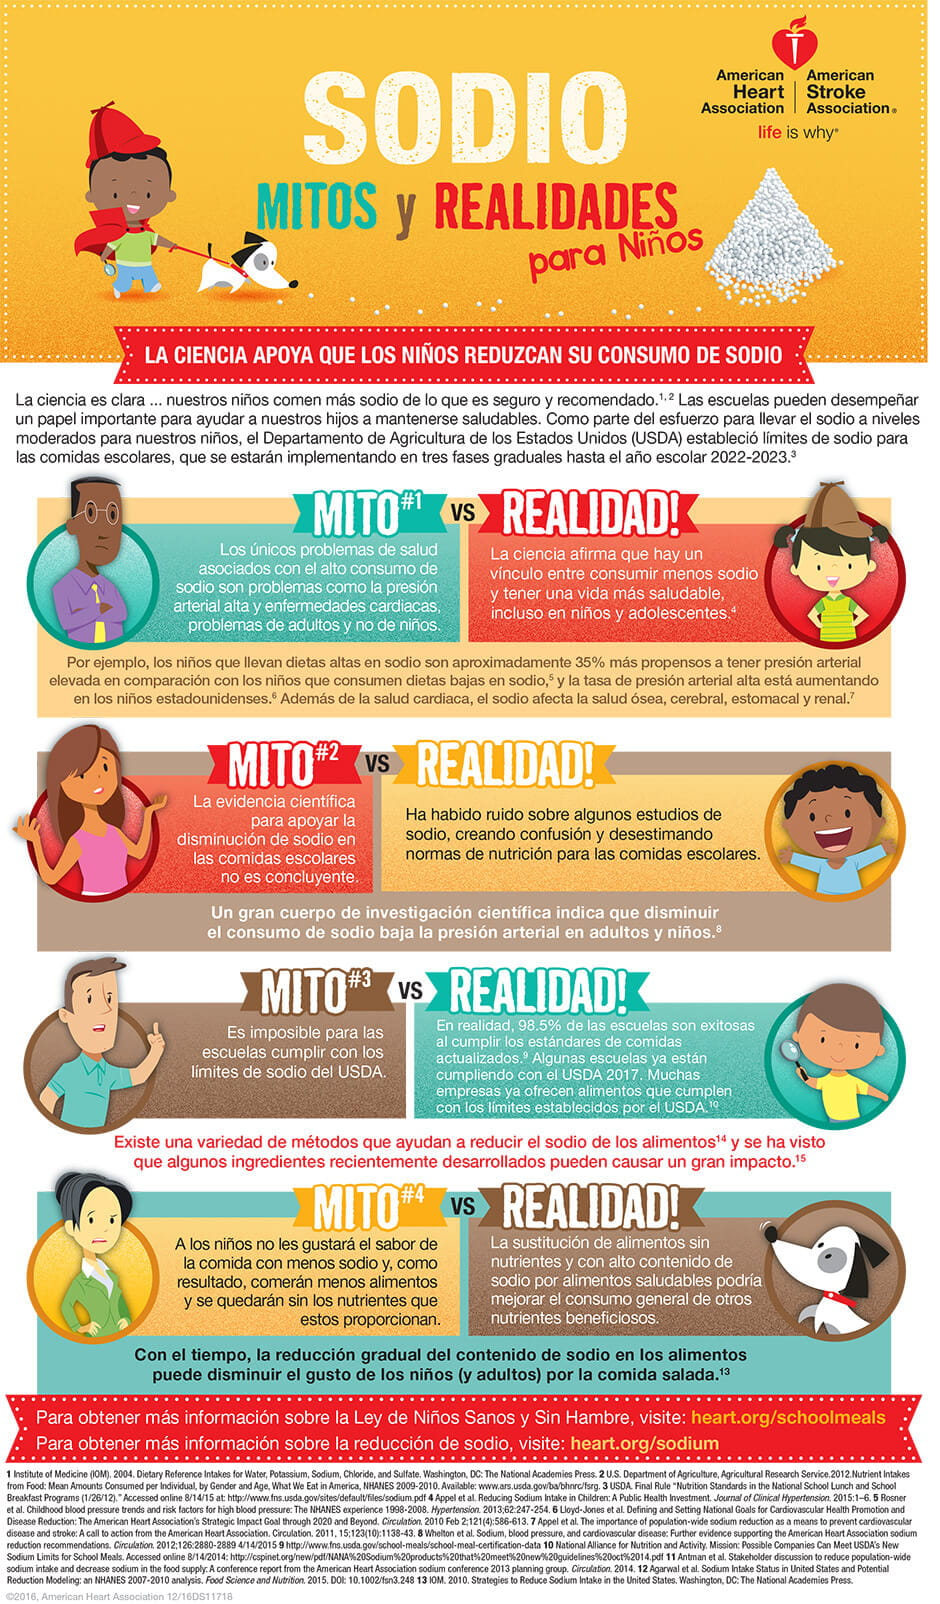 Mitos y verdades sobre el sodio para los niños (en español)